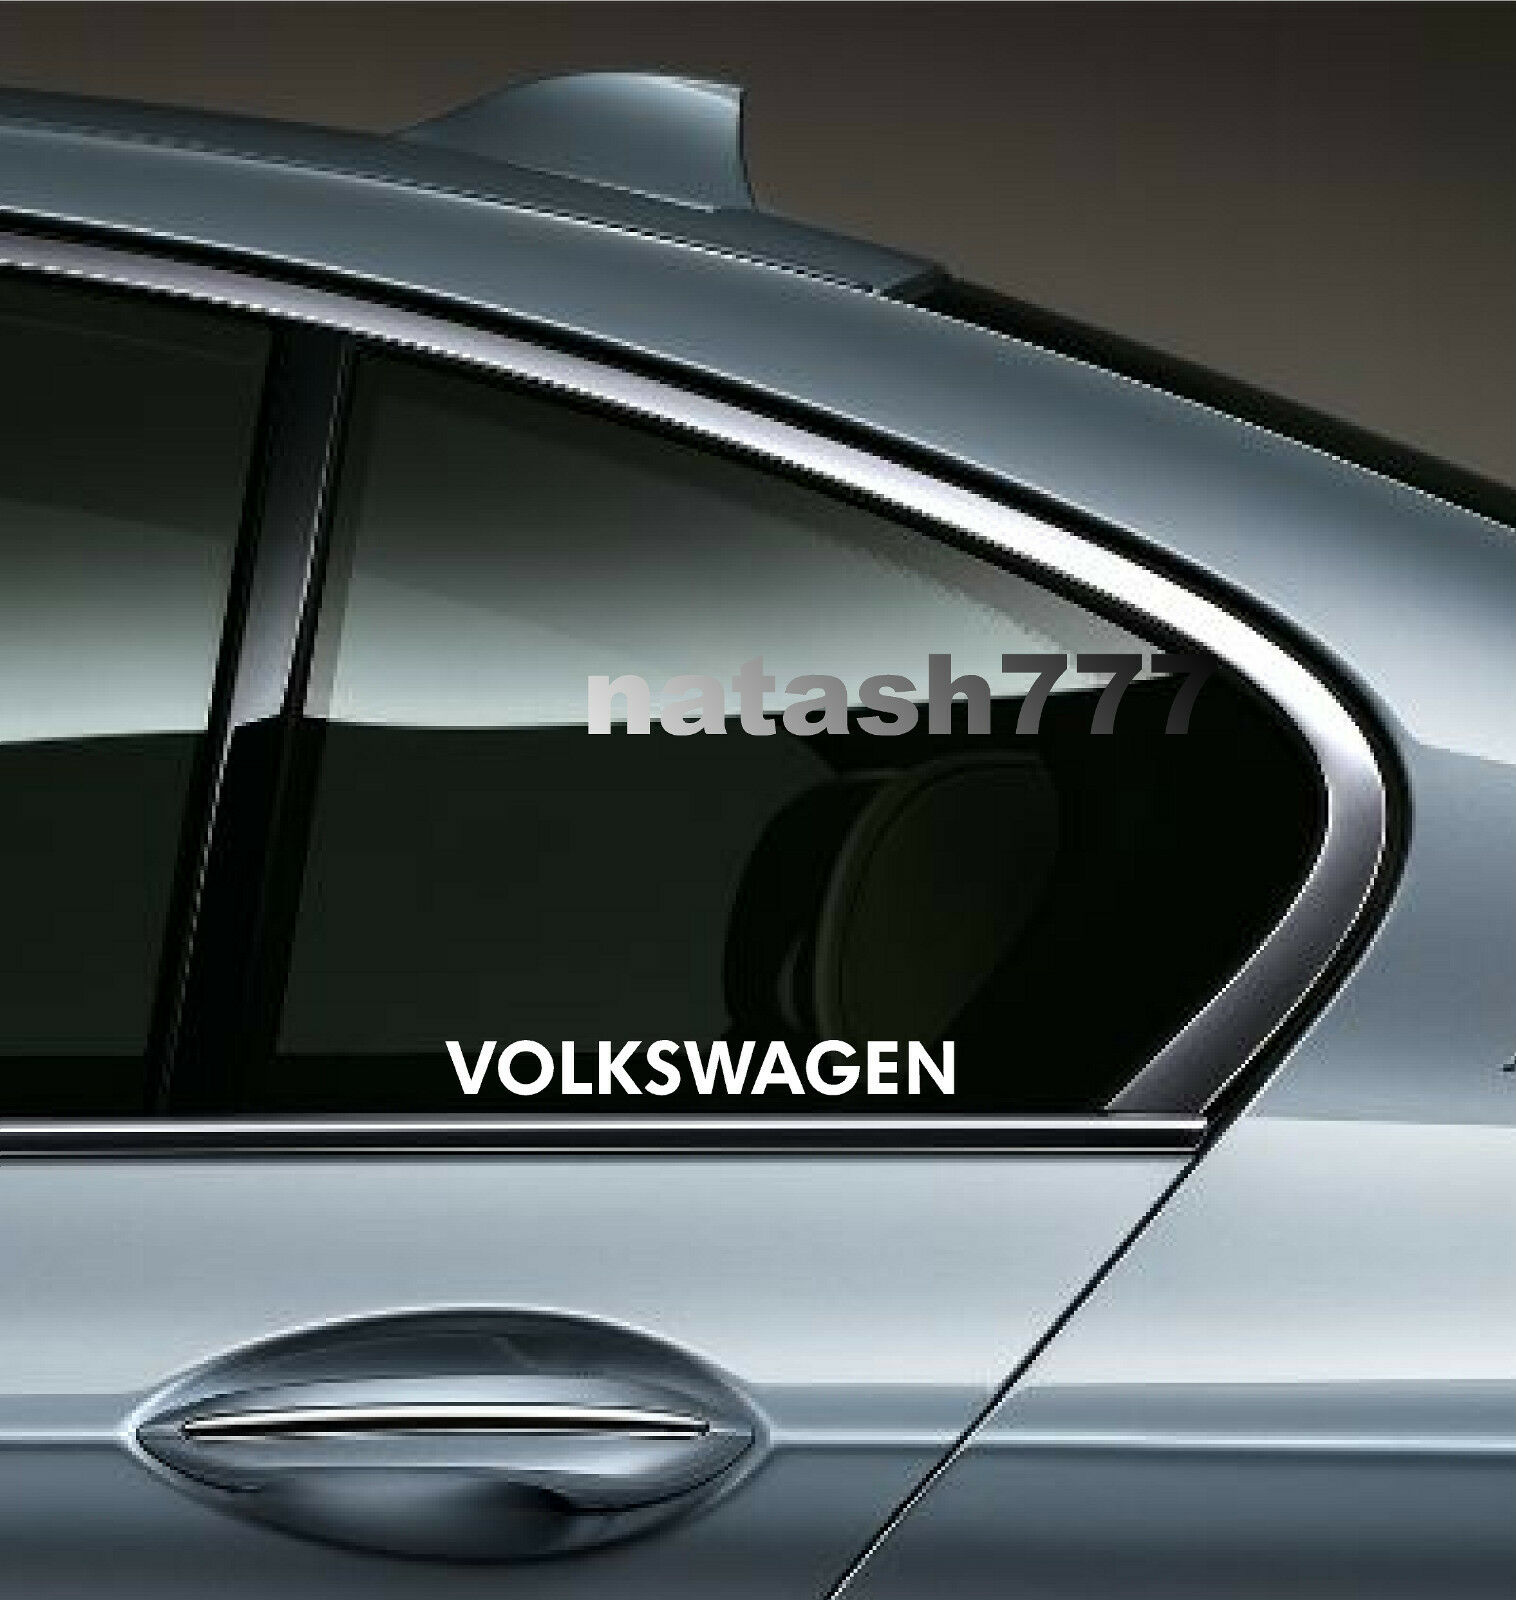 2 volkswagen sport racing decal sticker emblem logo. Black Bedroom Furniture Sets. Home Design Ideas